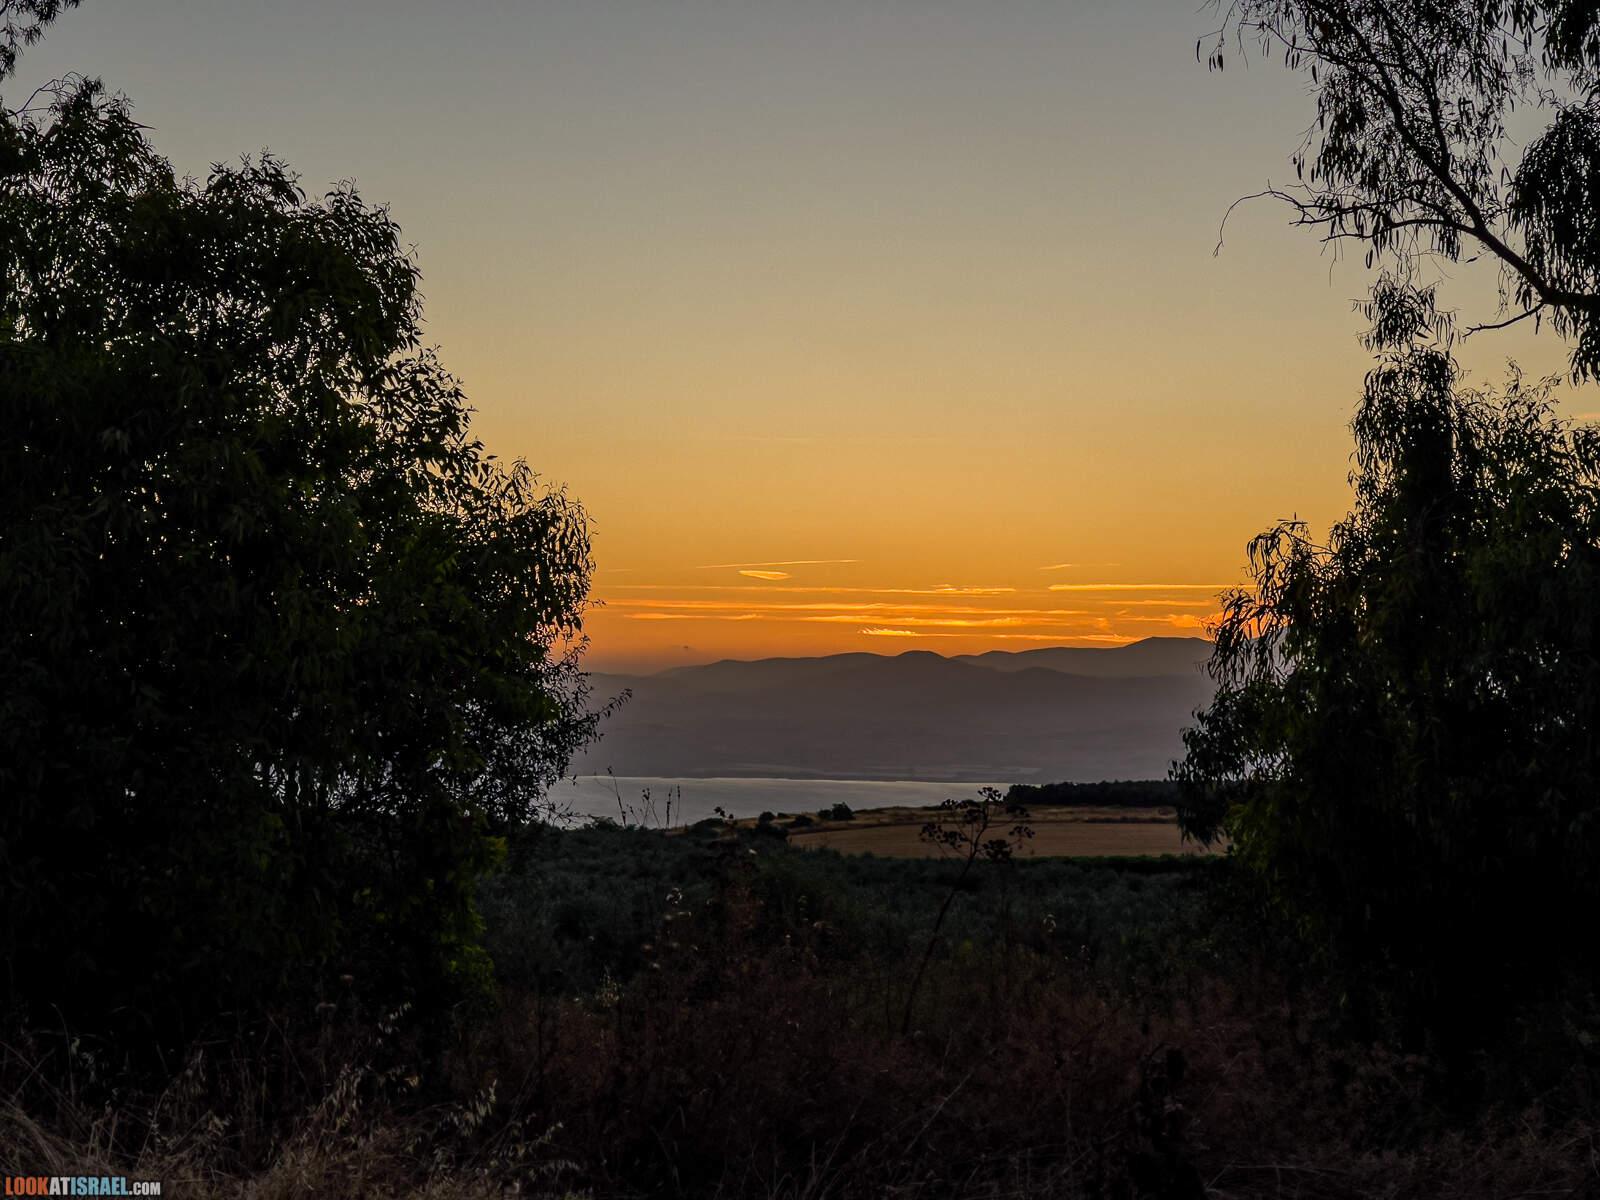 Кемпинг на севере - LookAtIsrael.com - Фото путешествия по Израилю